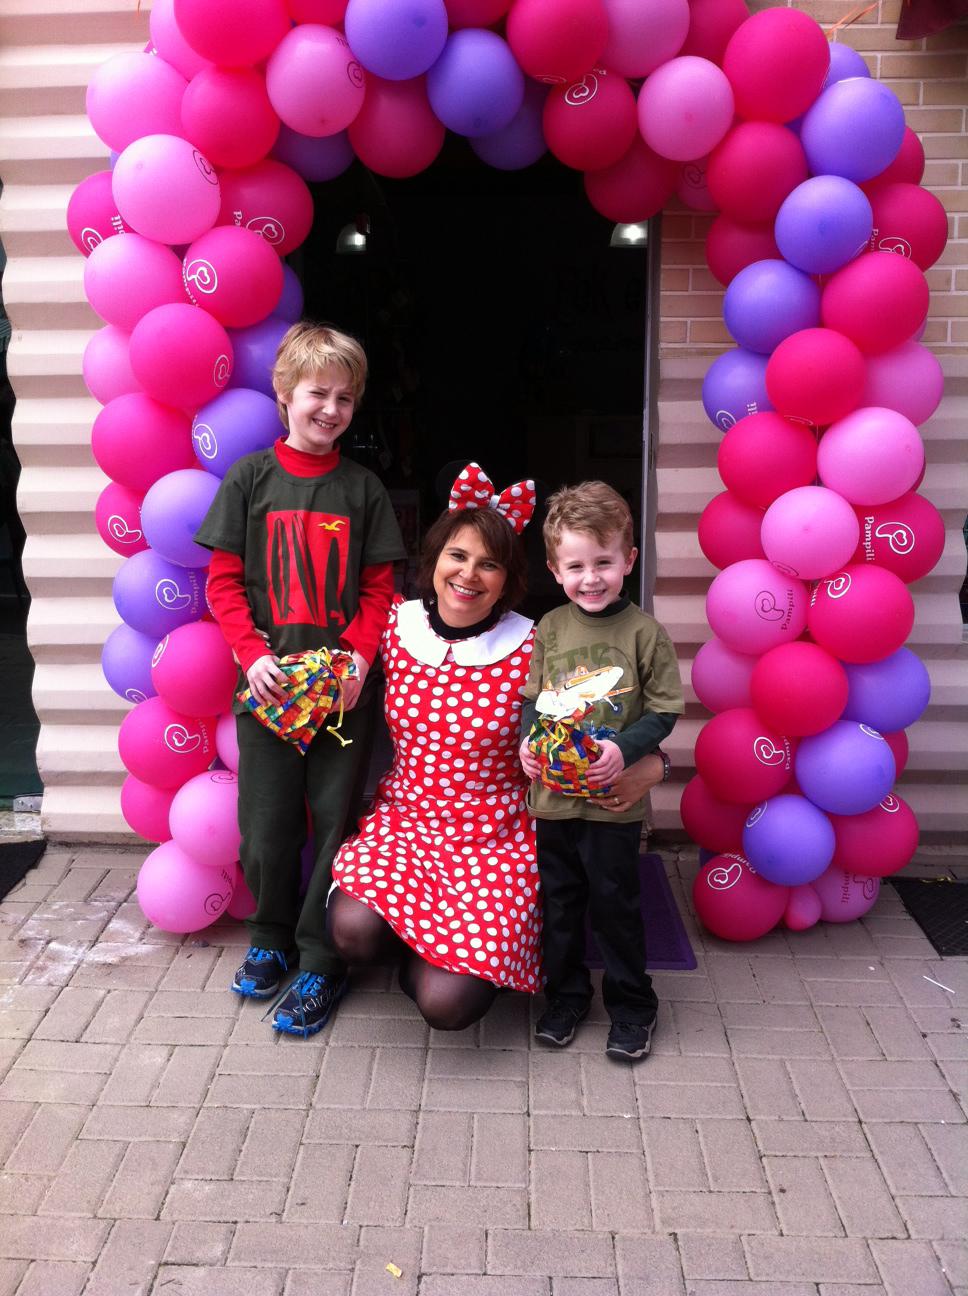 Fotos do Álbum: Dia das Crianças 2014